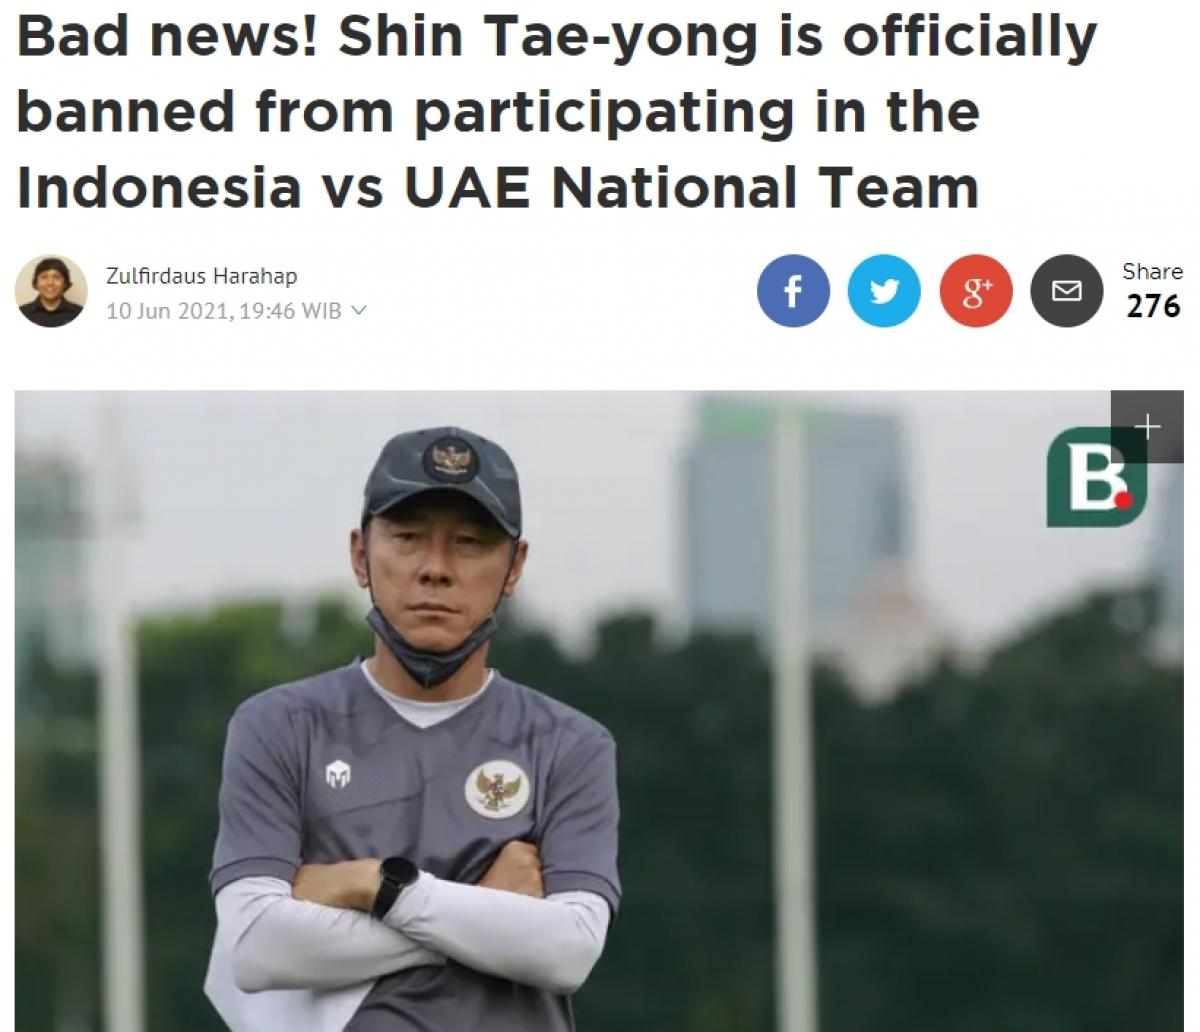 """Tờ Bola giật tít: """"Tin xấu! HLV Shin Tae Yong bị cấm tham dự trận Indonesia gặp UAE"""""""